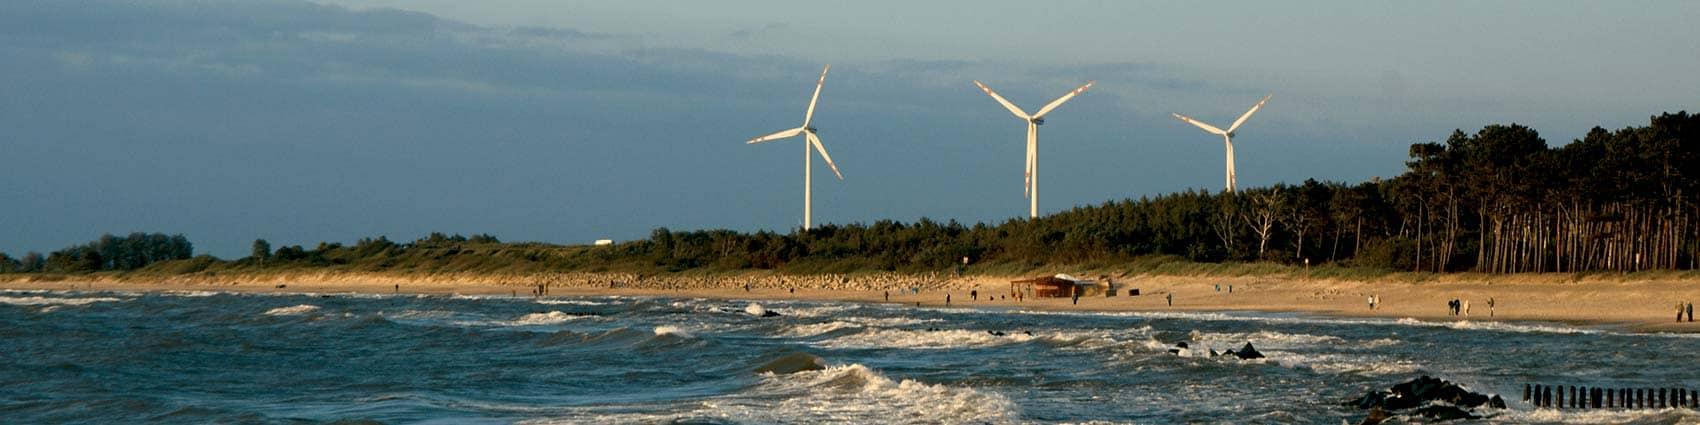 Ochrona środowiska a zmiany klimatu | Sektor elektroenergetyczny | Zwiększanie efektywności produkcji energii | Energetyka odnawialna: farmy wiatrowe na lądzie i morzu, fotowoltaika, biogazownie